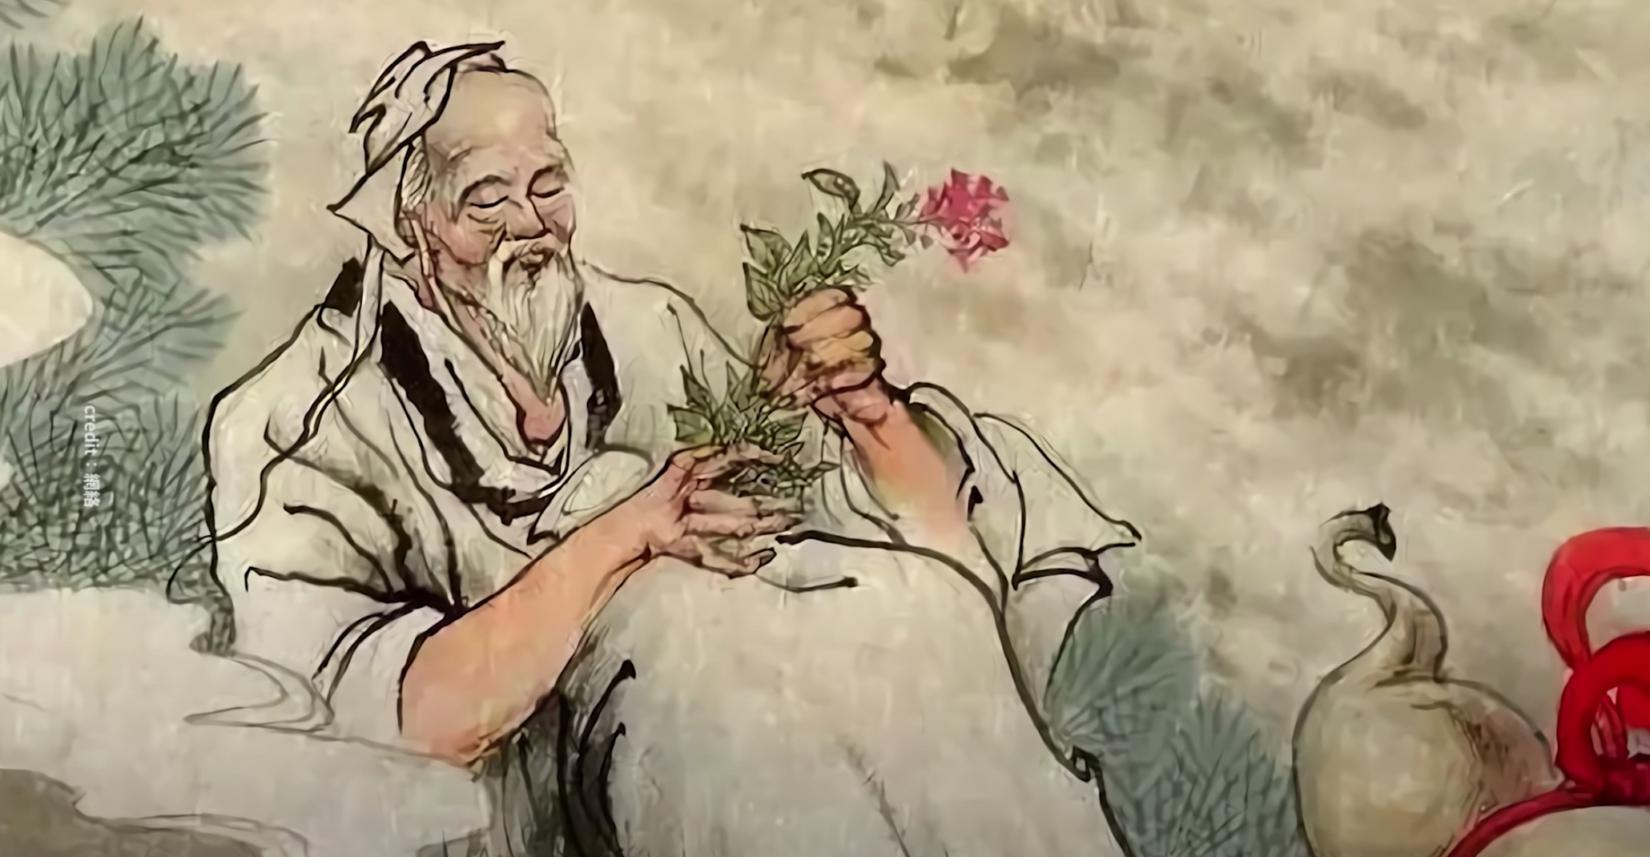 Tôn Tư Mạc là một Thần y danh tiếng vào thời nhà Đường và cũng là một bậc cao nhân tu Đạo (Ảnh chụp màn hình video)